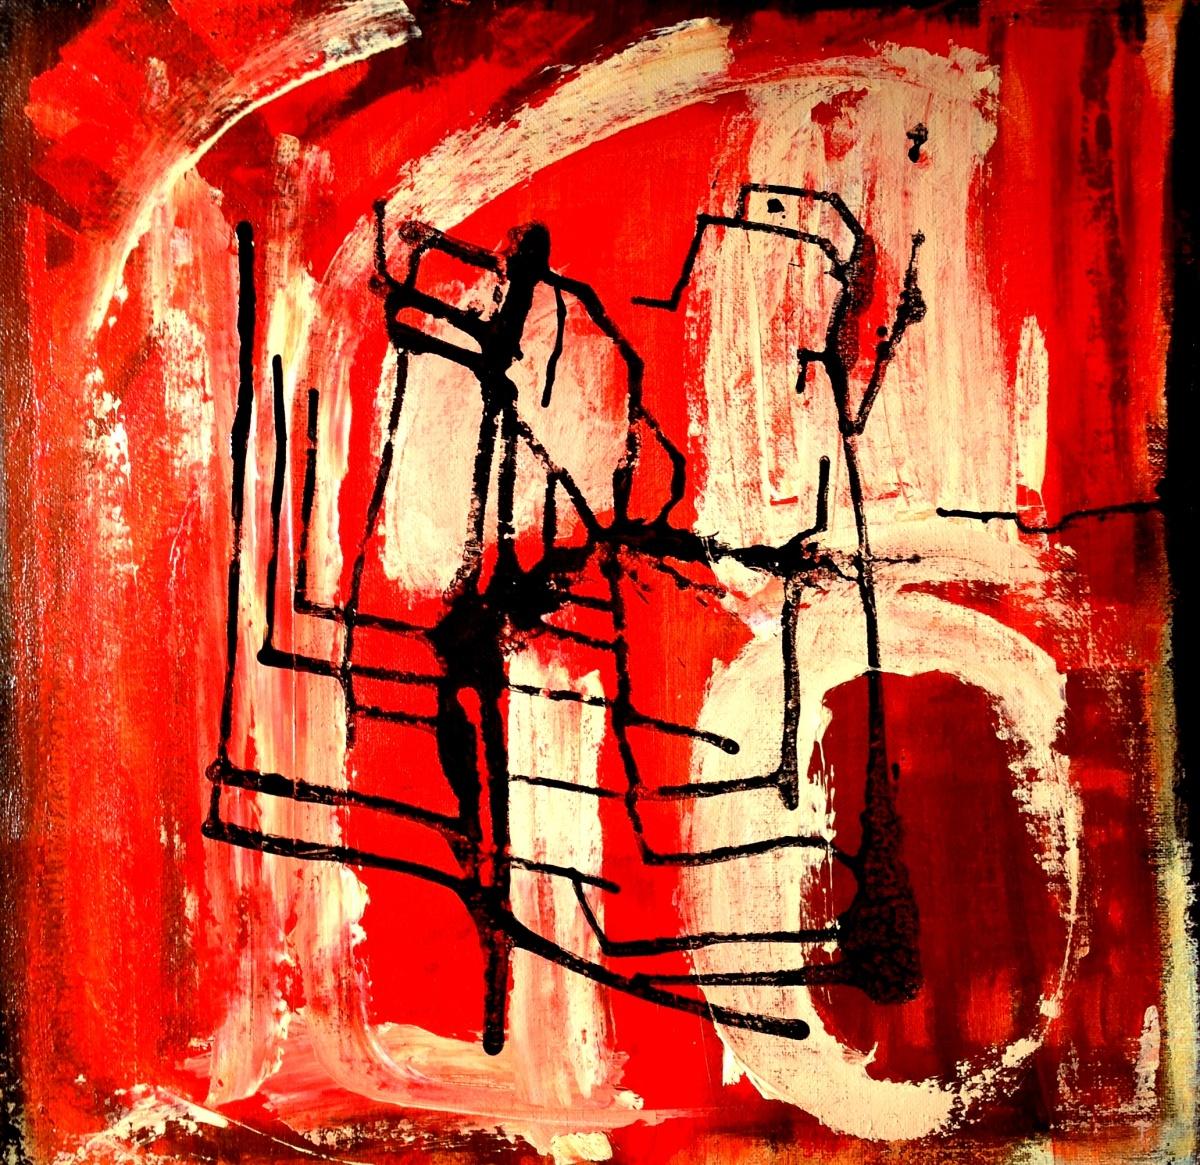 André Clouâtre, Sans titre 78, Acrylique sur toile, 97 x 97 cm (38'' x 38 ''), 2013